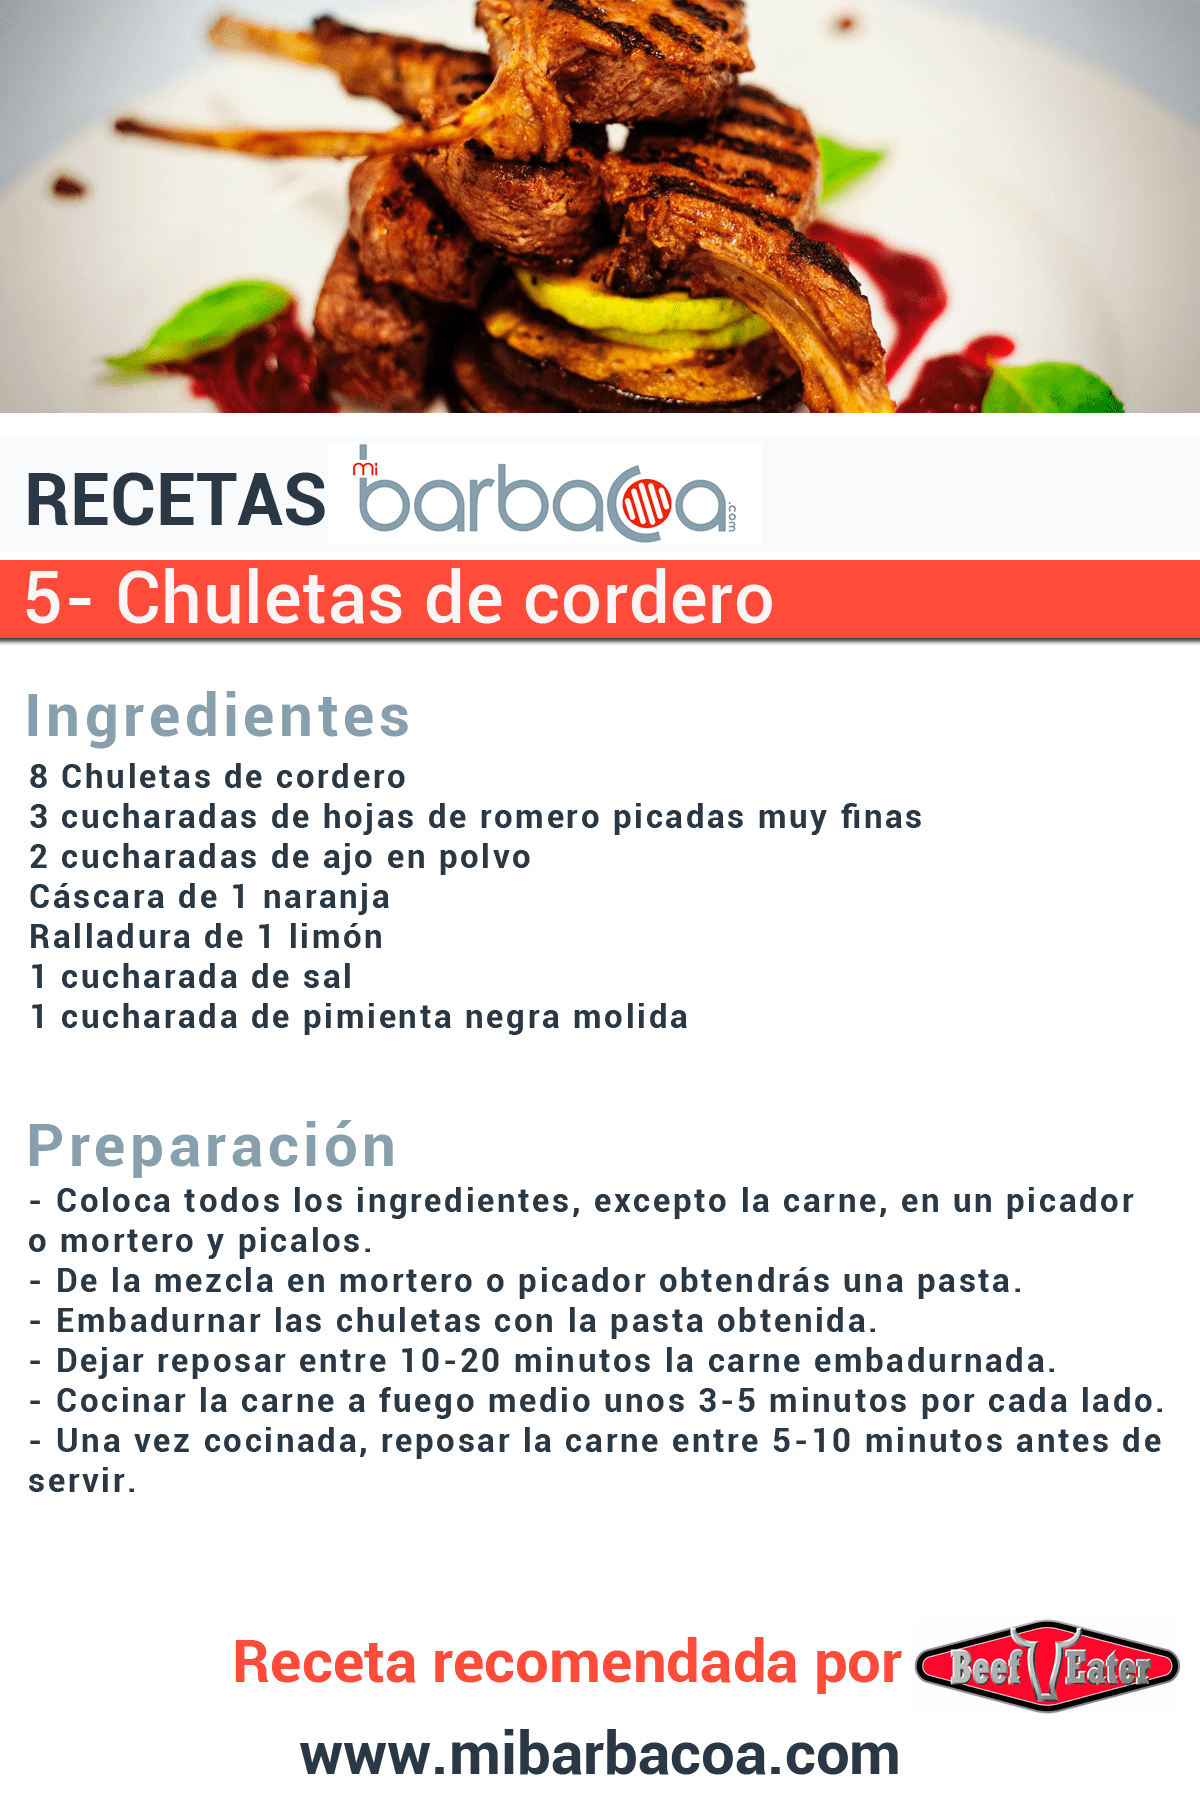 Recetas para barbacoa recomendadas for Comidas faciles de cocinar